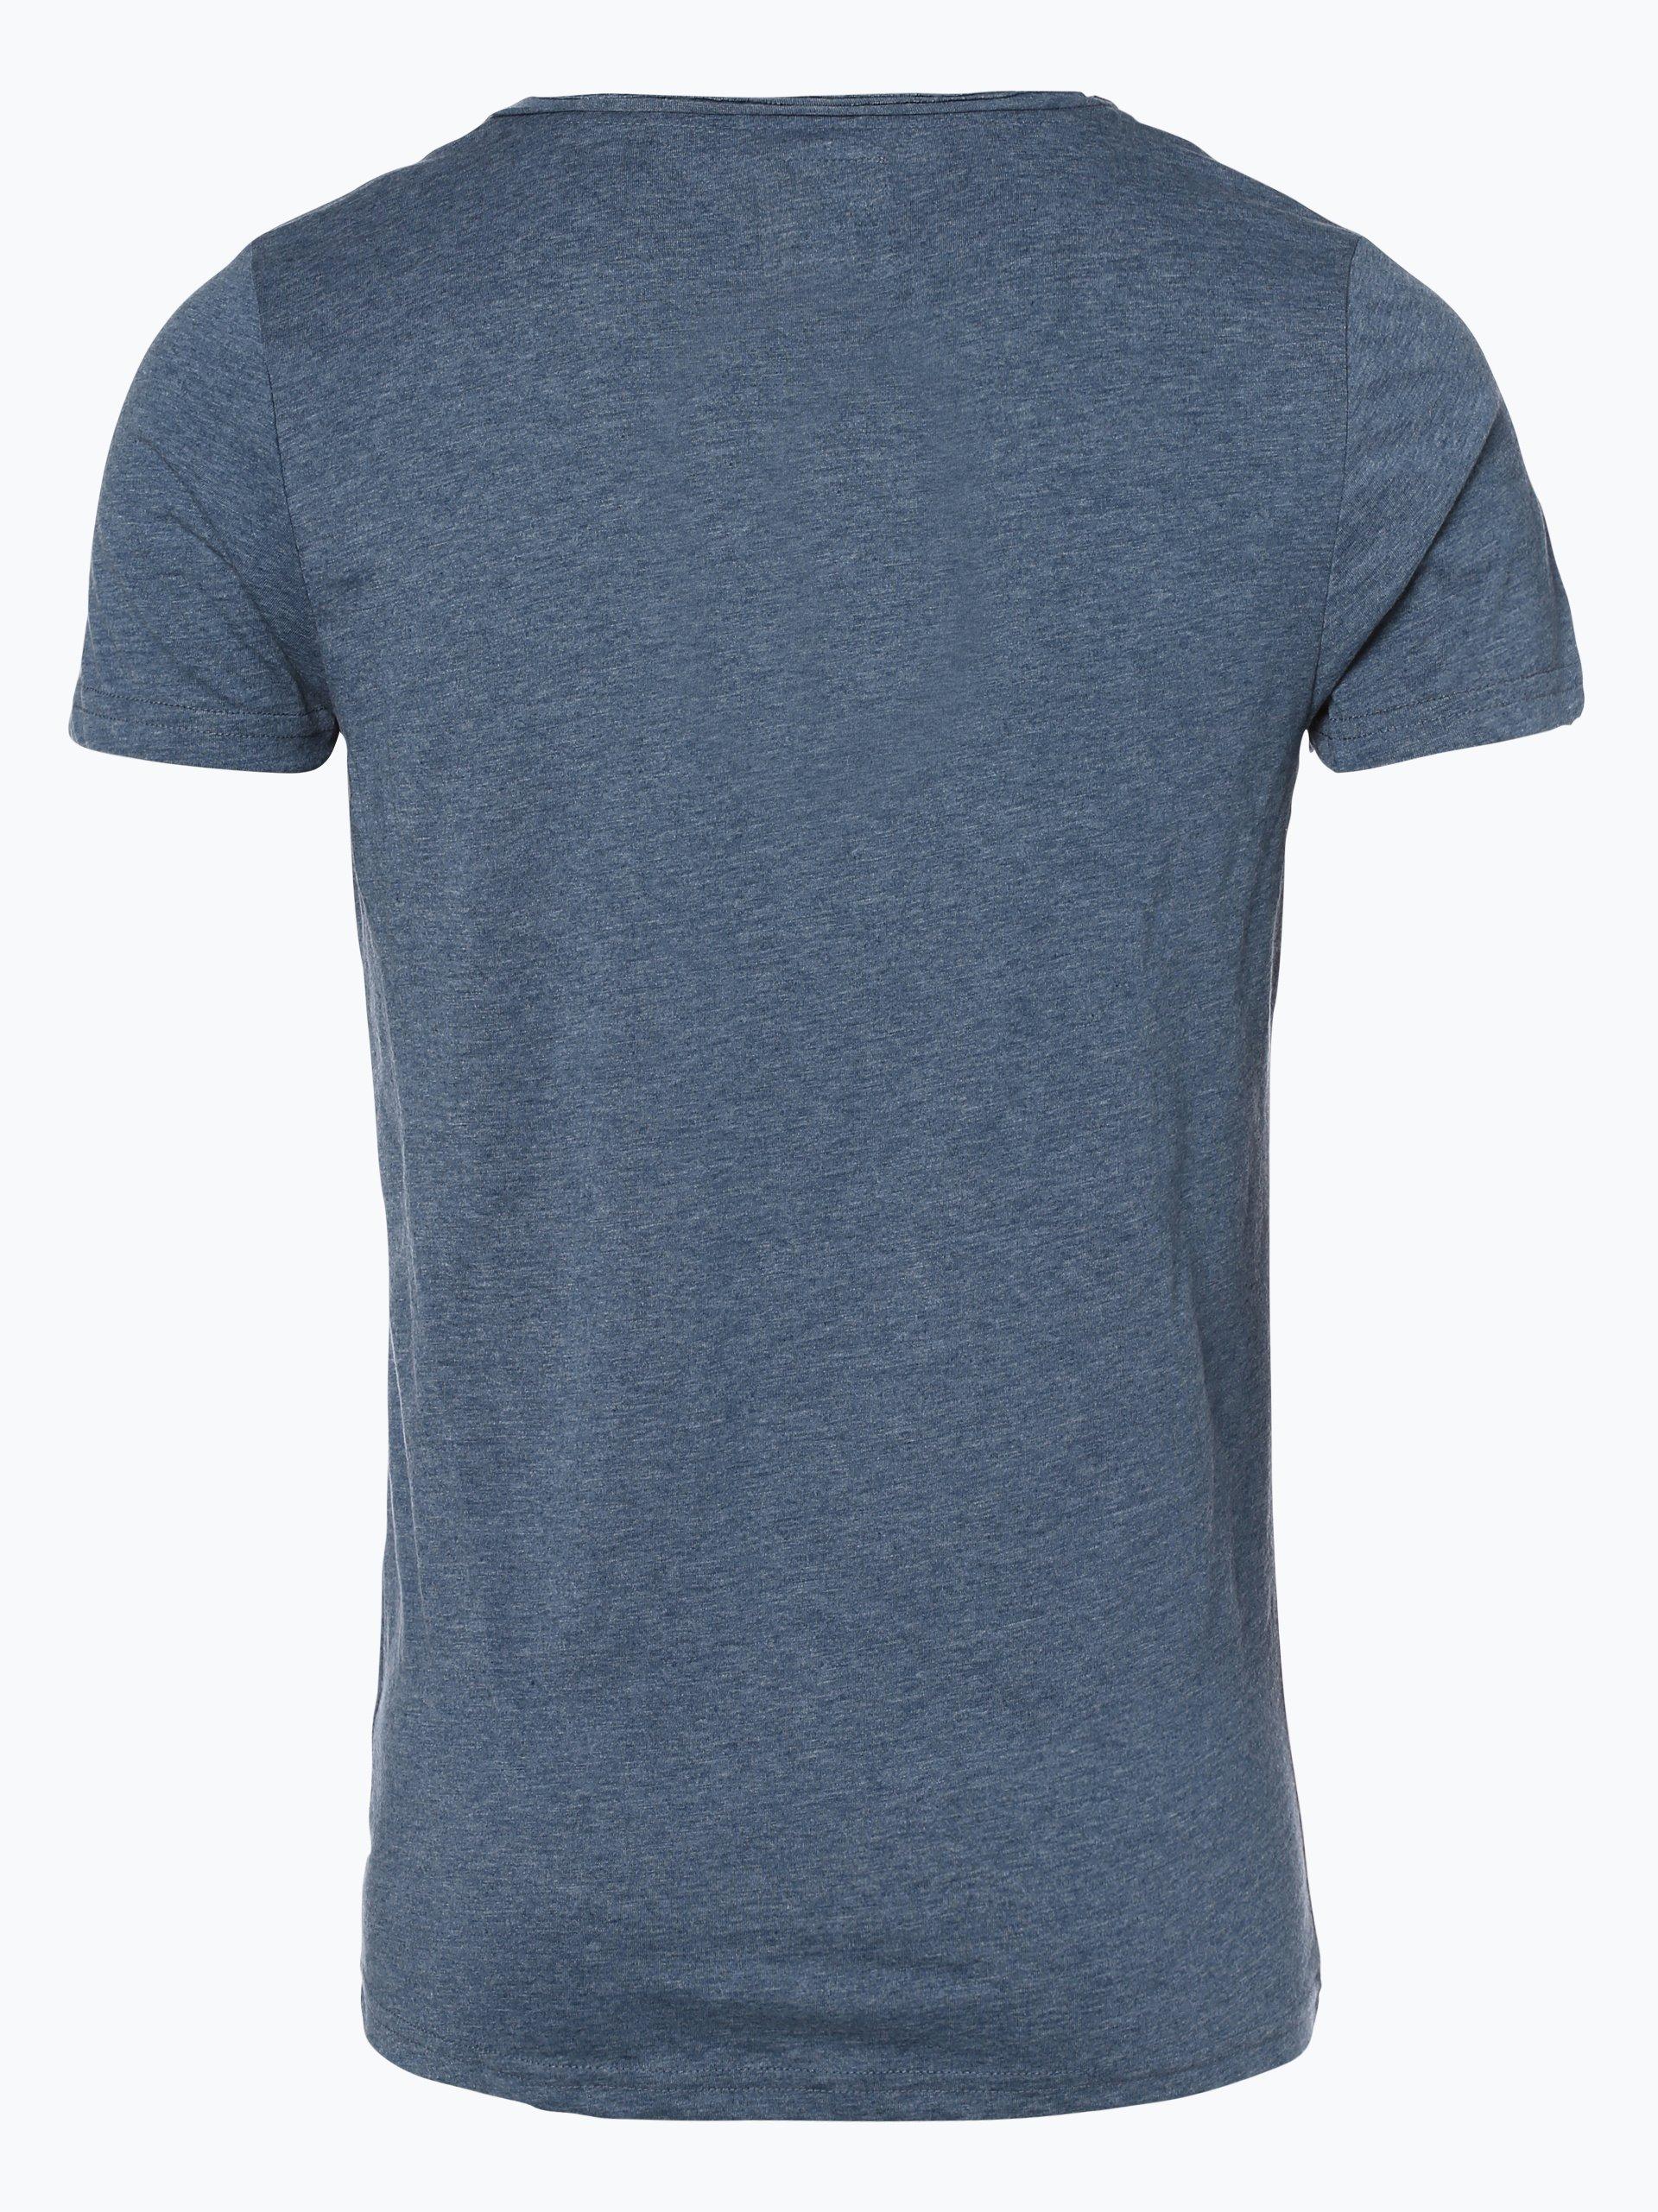 review herren t shirt denim uni online kaufen peek und. Black Bedroom Furniture Sets. Home Design Ideas